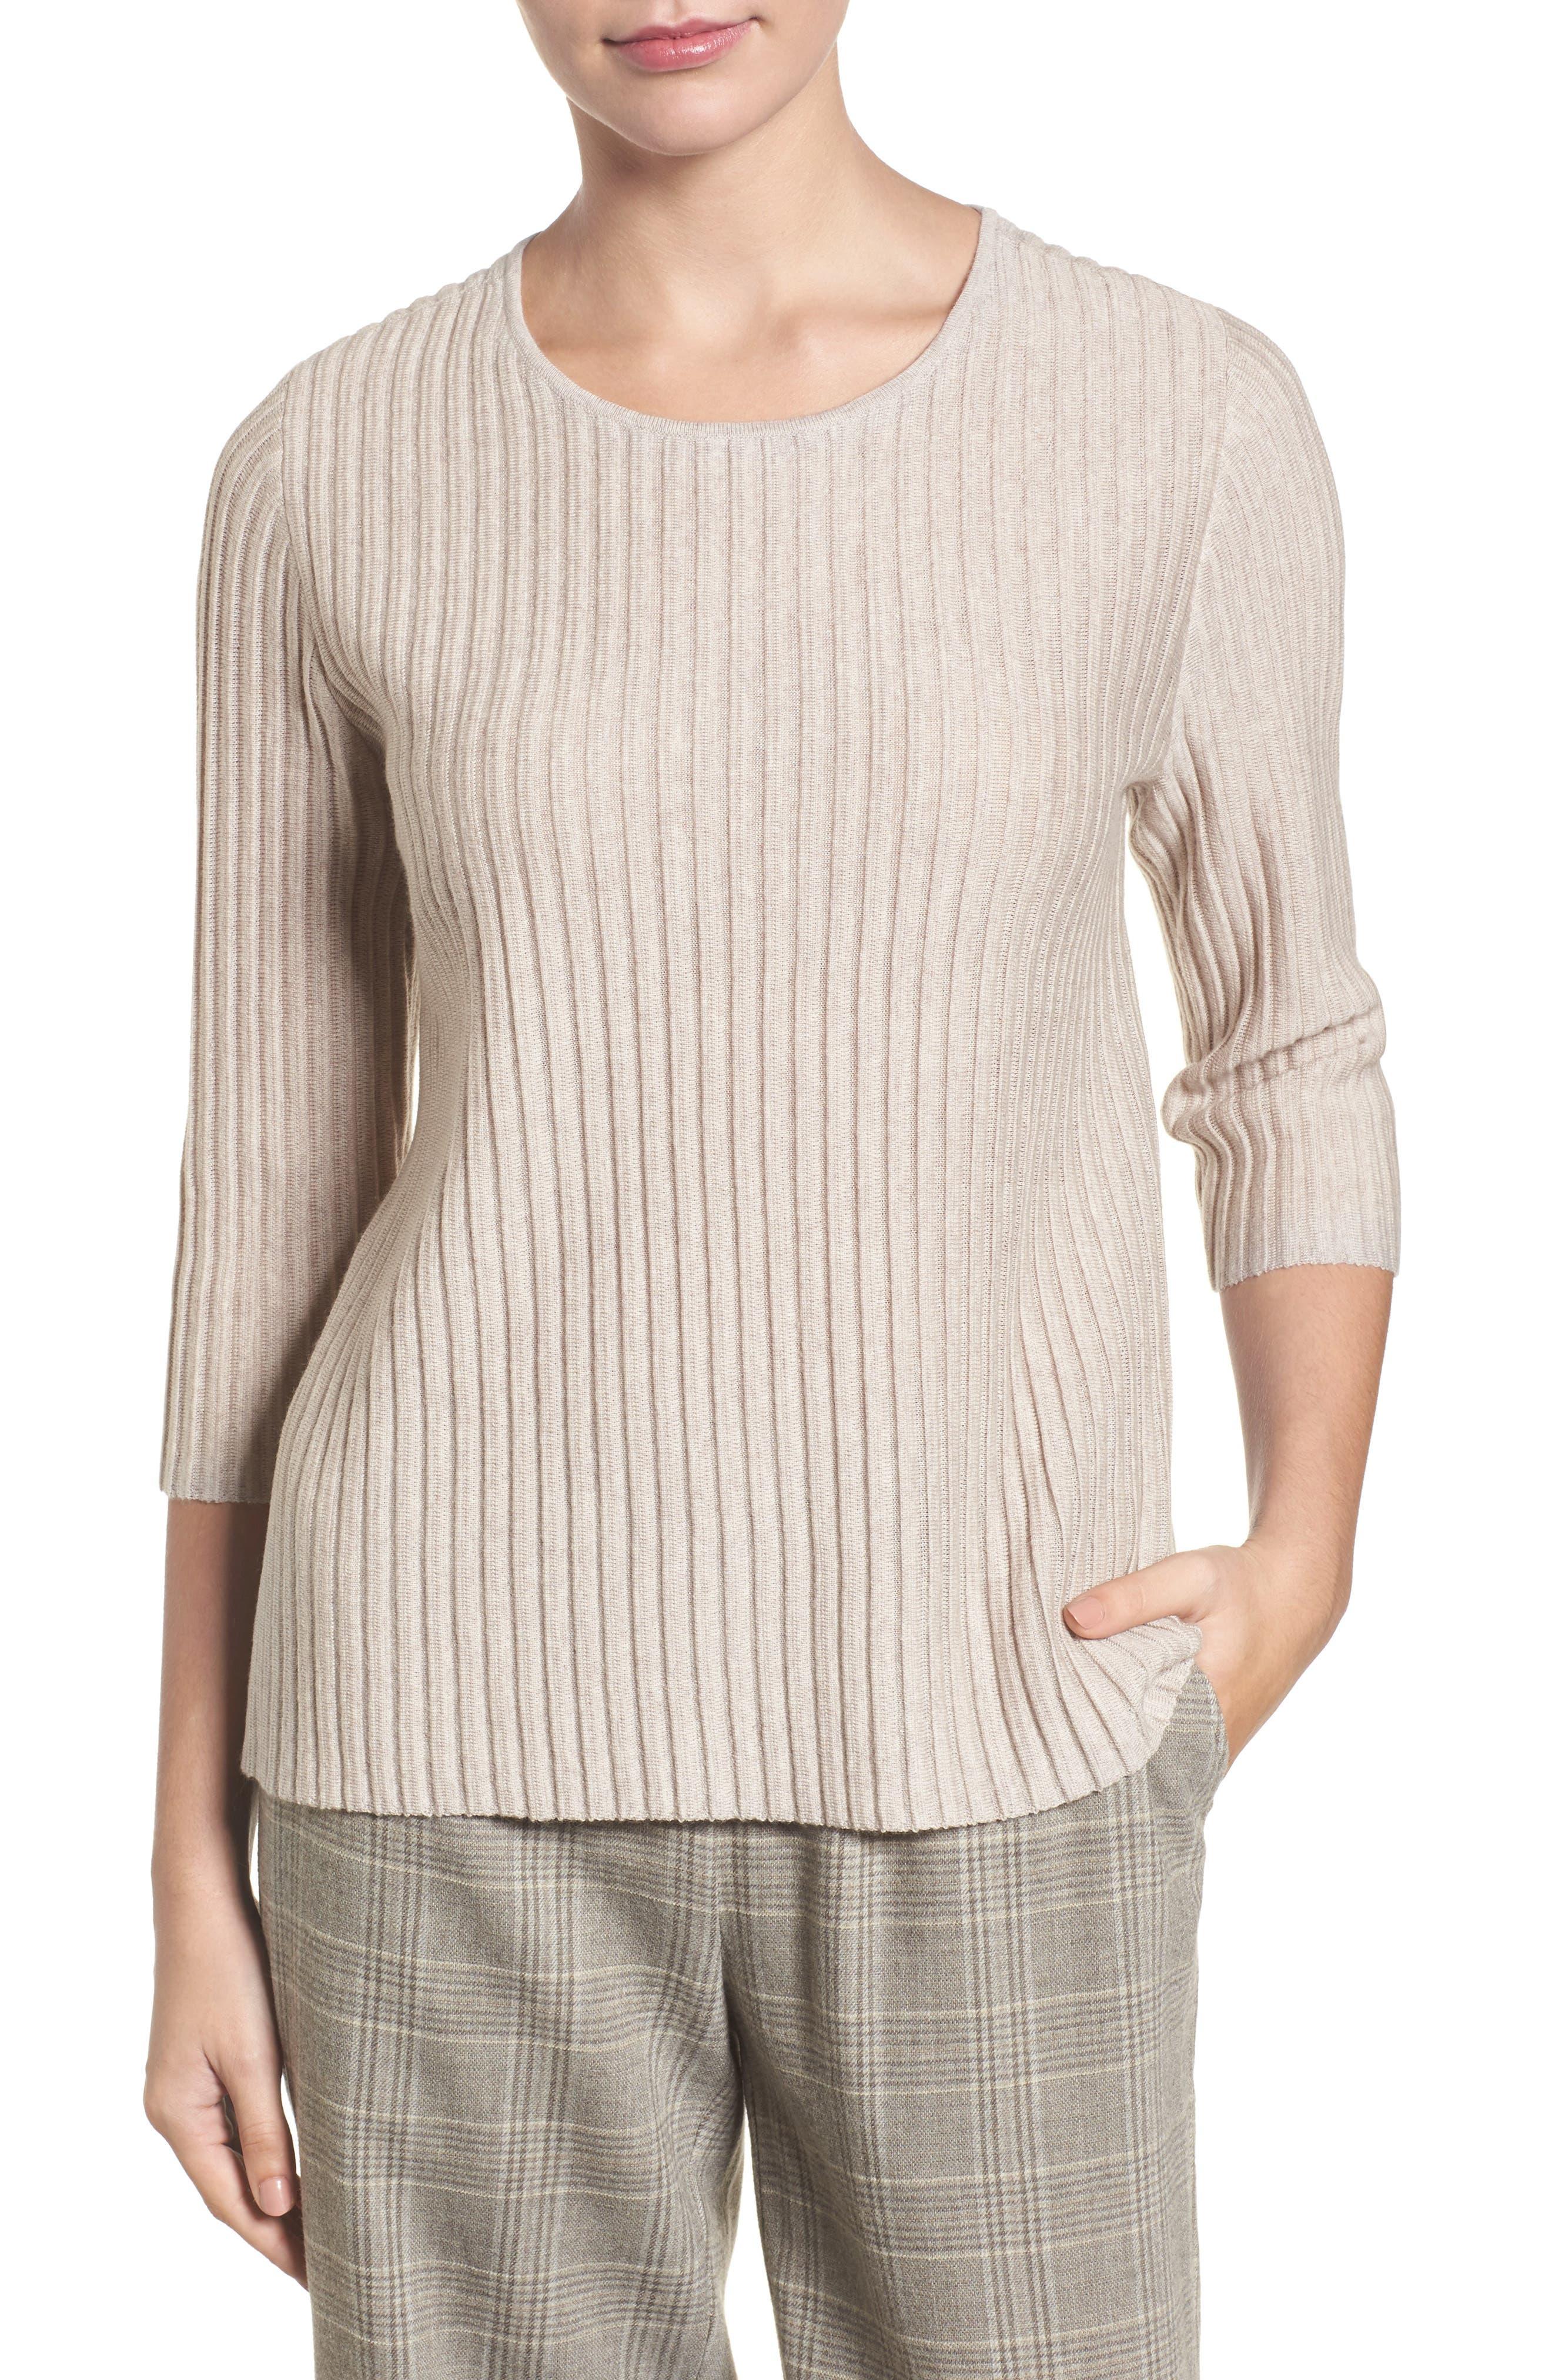 Eileen Fisher Ribbed Merino Wool Sweater